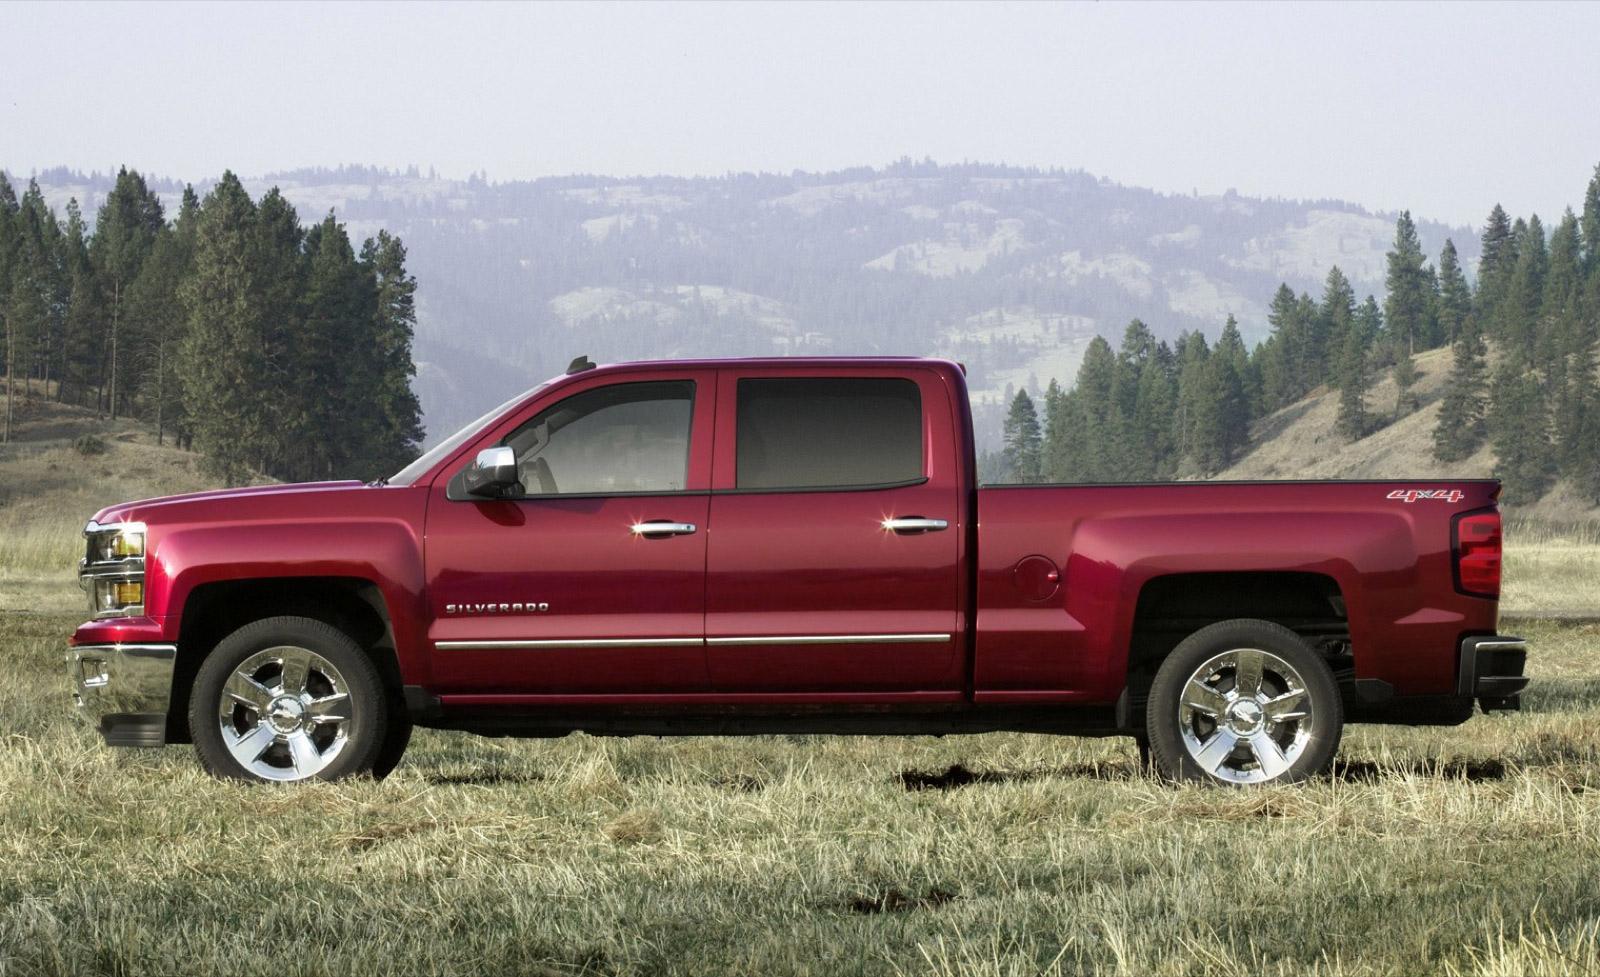 Silverado 2004 chevrolet silverado 2500hd recalls : More GM Recalls: Chevrolet Corvette, Silverado, Suburban, Tahoe ...